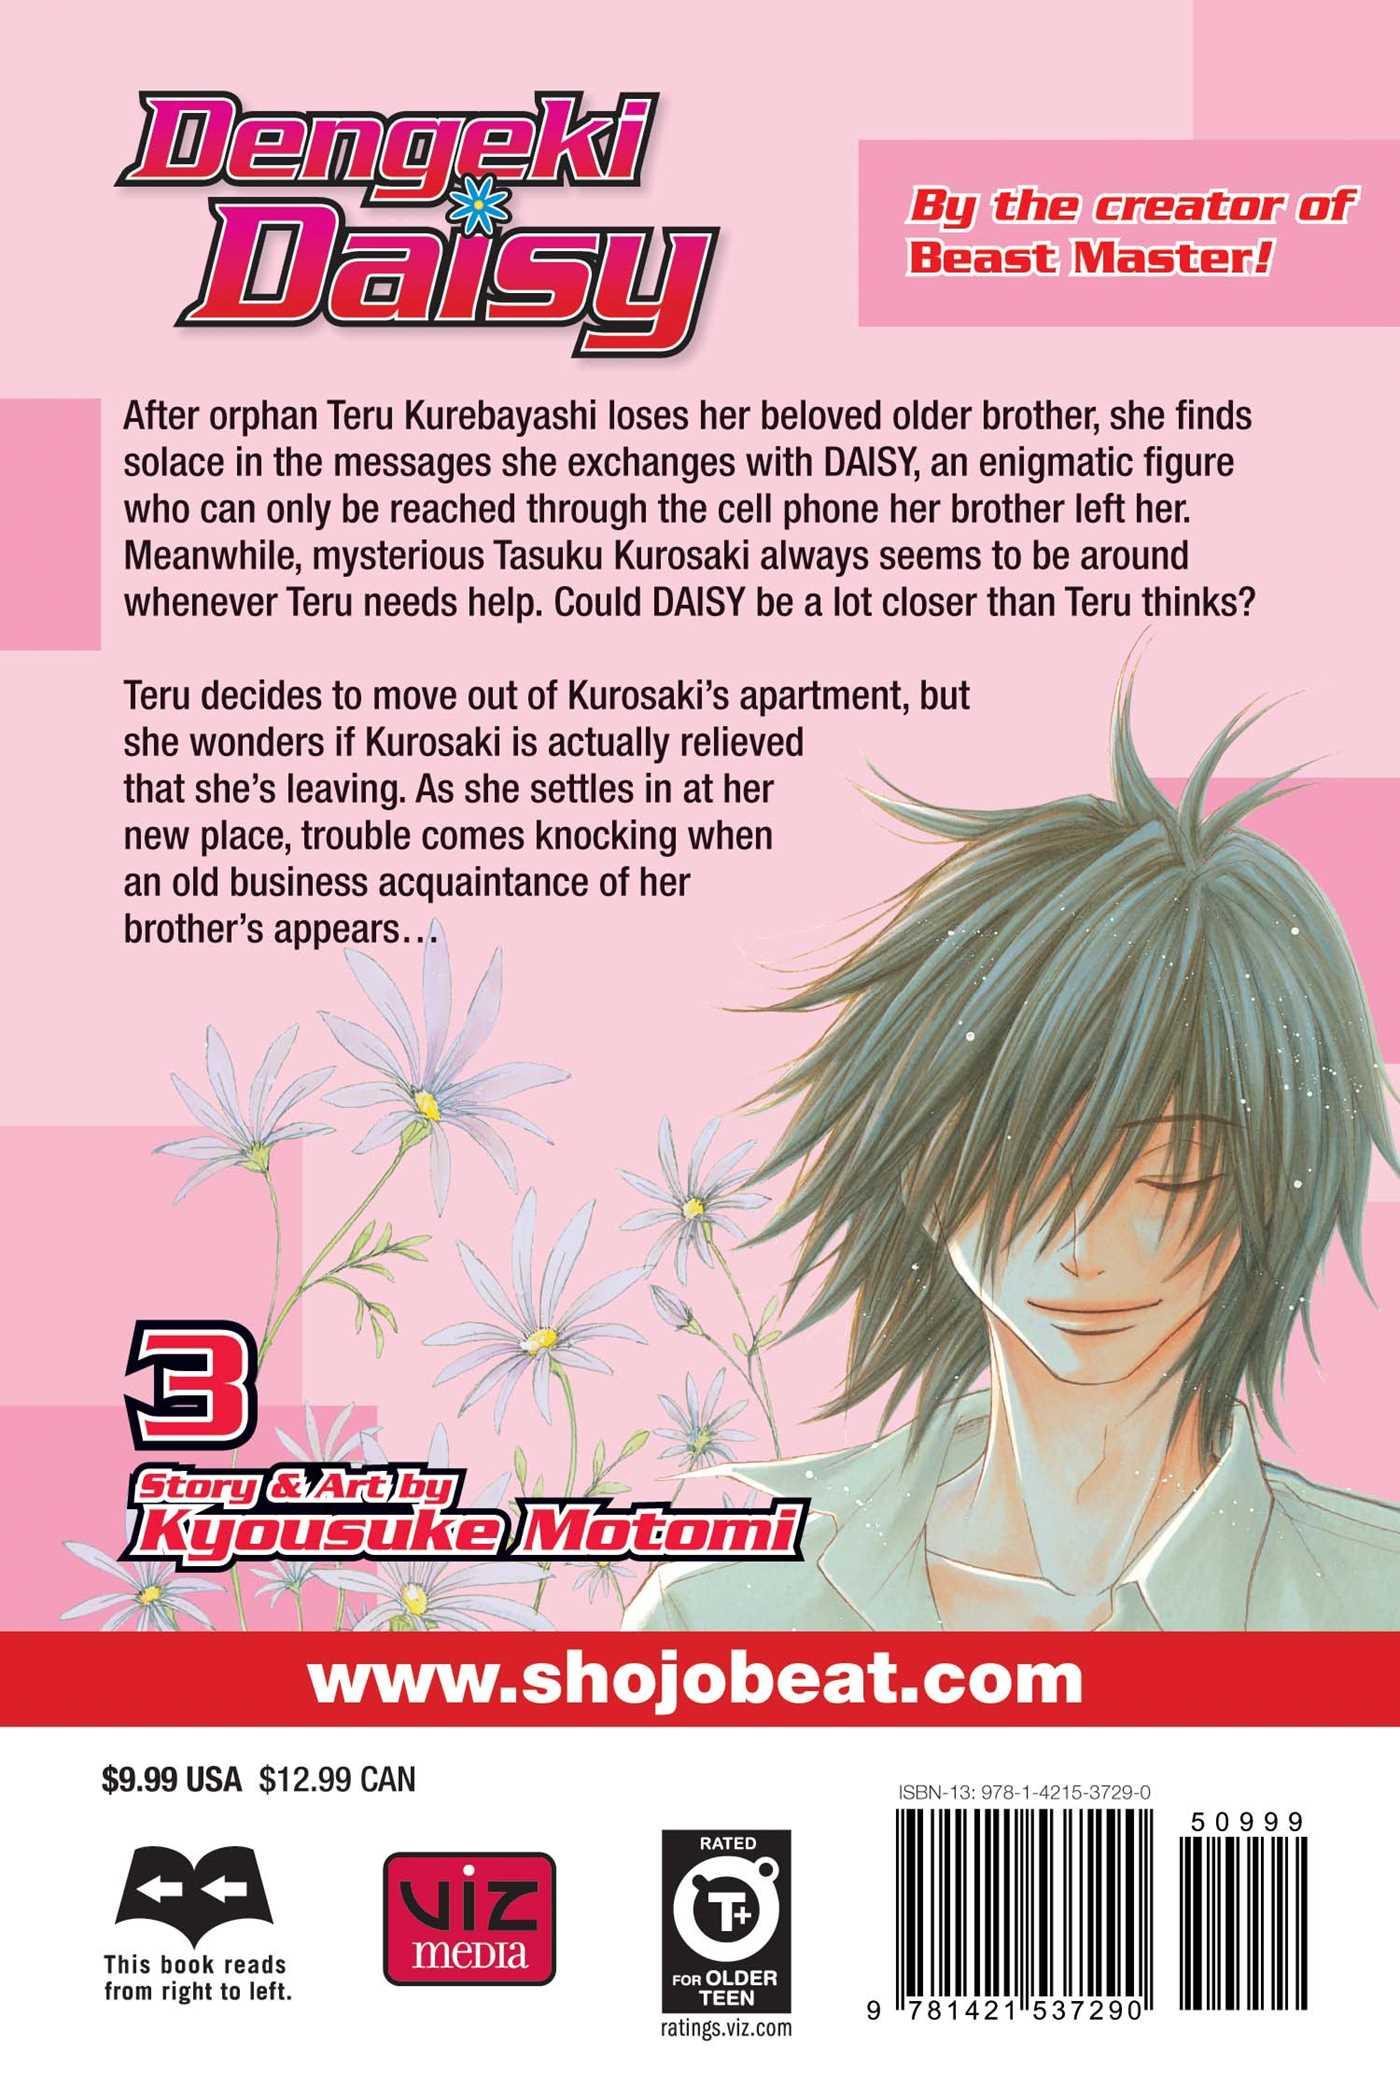 Dengeki daisy vol 3 9781421537290 hr back